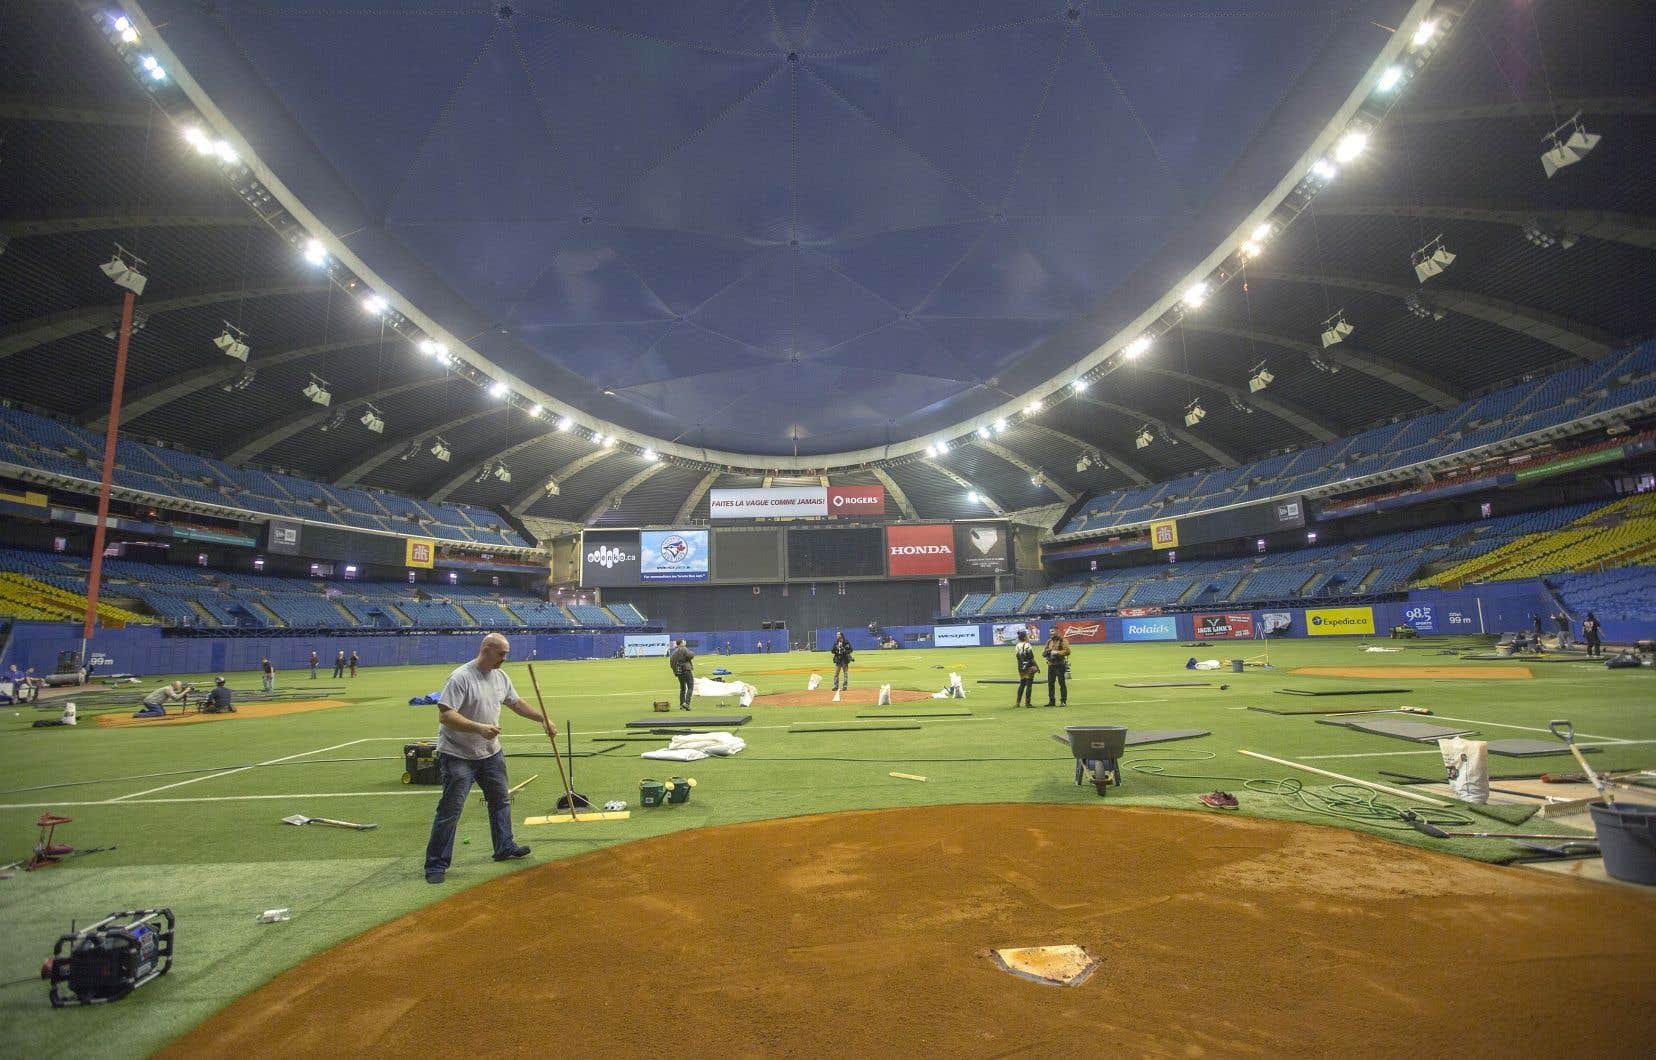 Des préposés préparent le terrain en vue d'un match de baseball, au Stade olympique de Montréal, en 2014.